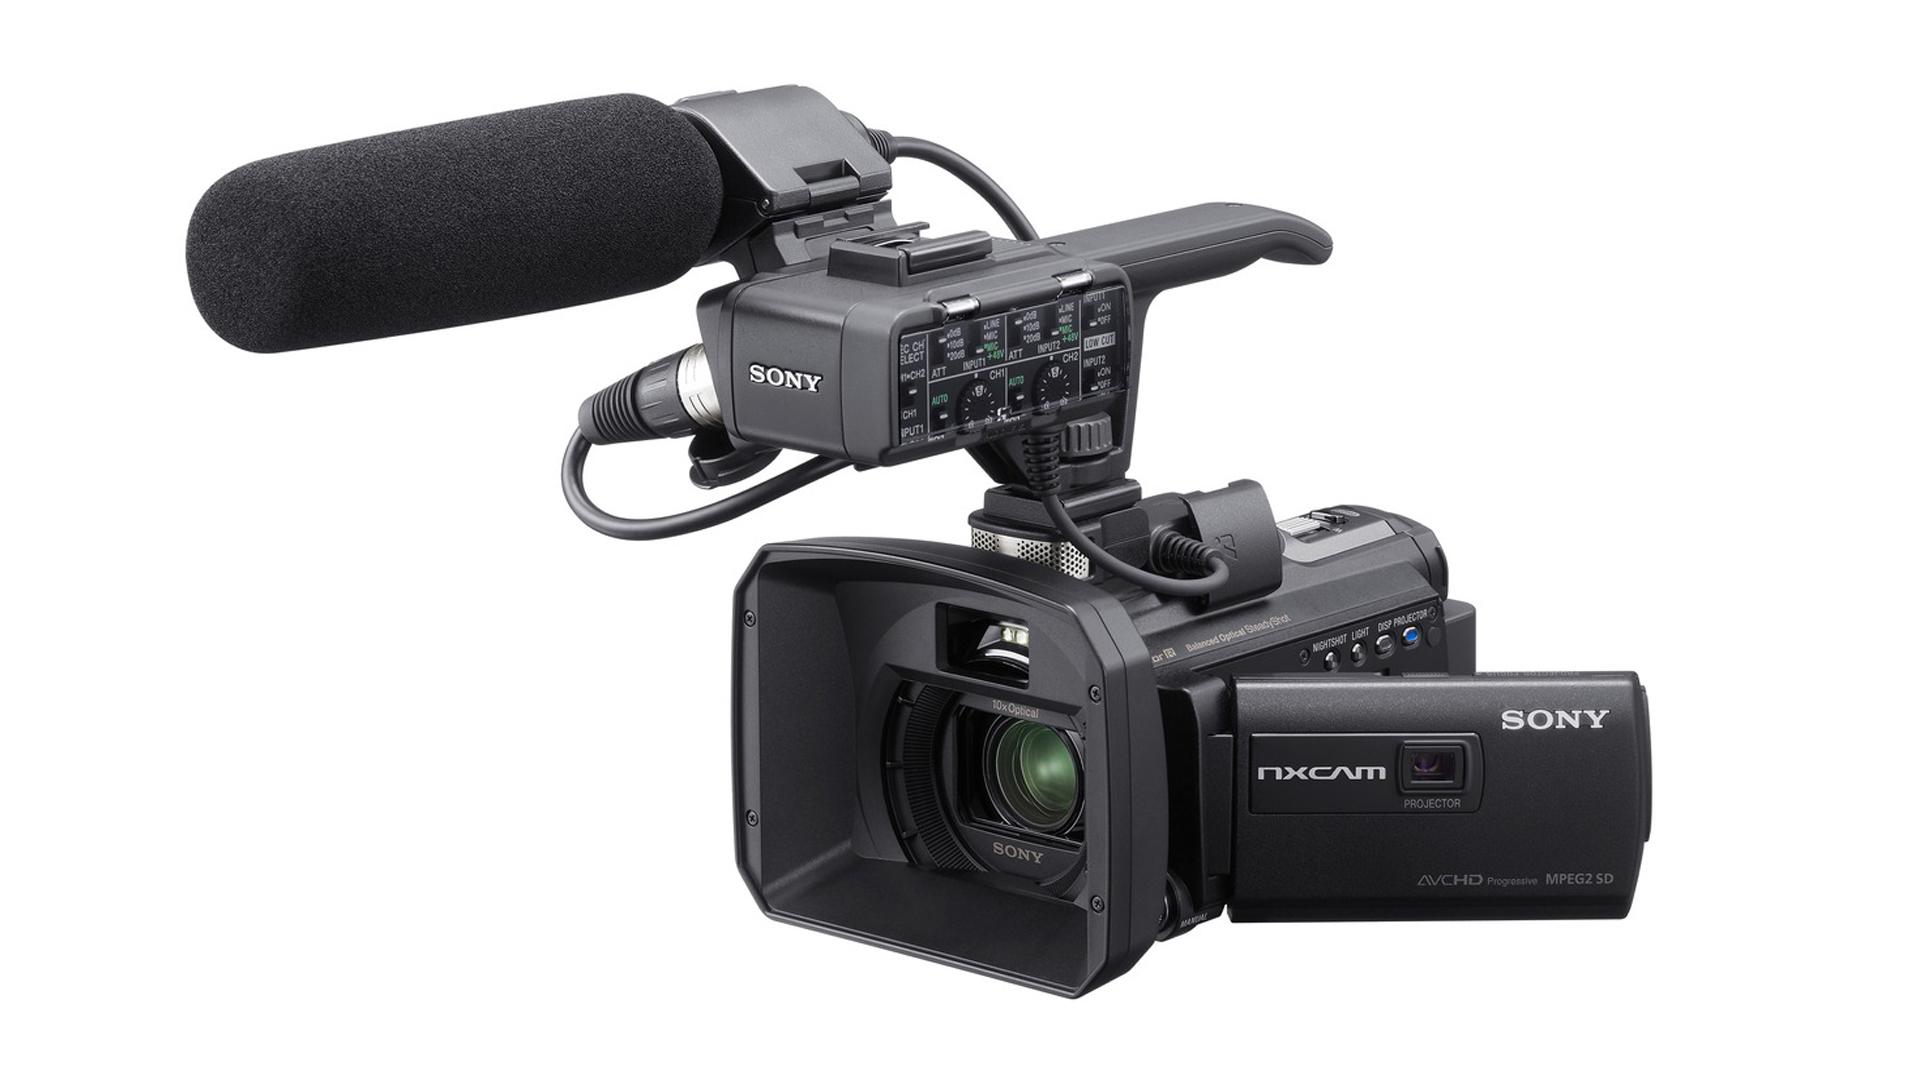 sony hxr nx30u manual innomind org rh innomind org sony video dvd combo manual sony video camera recorder hi8 manual